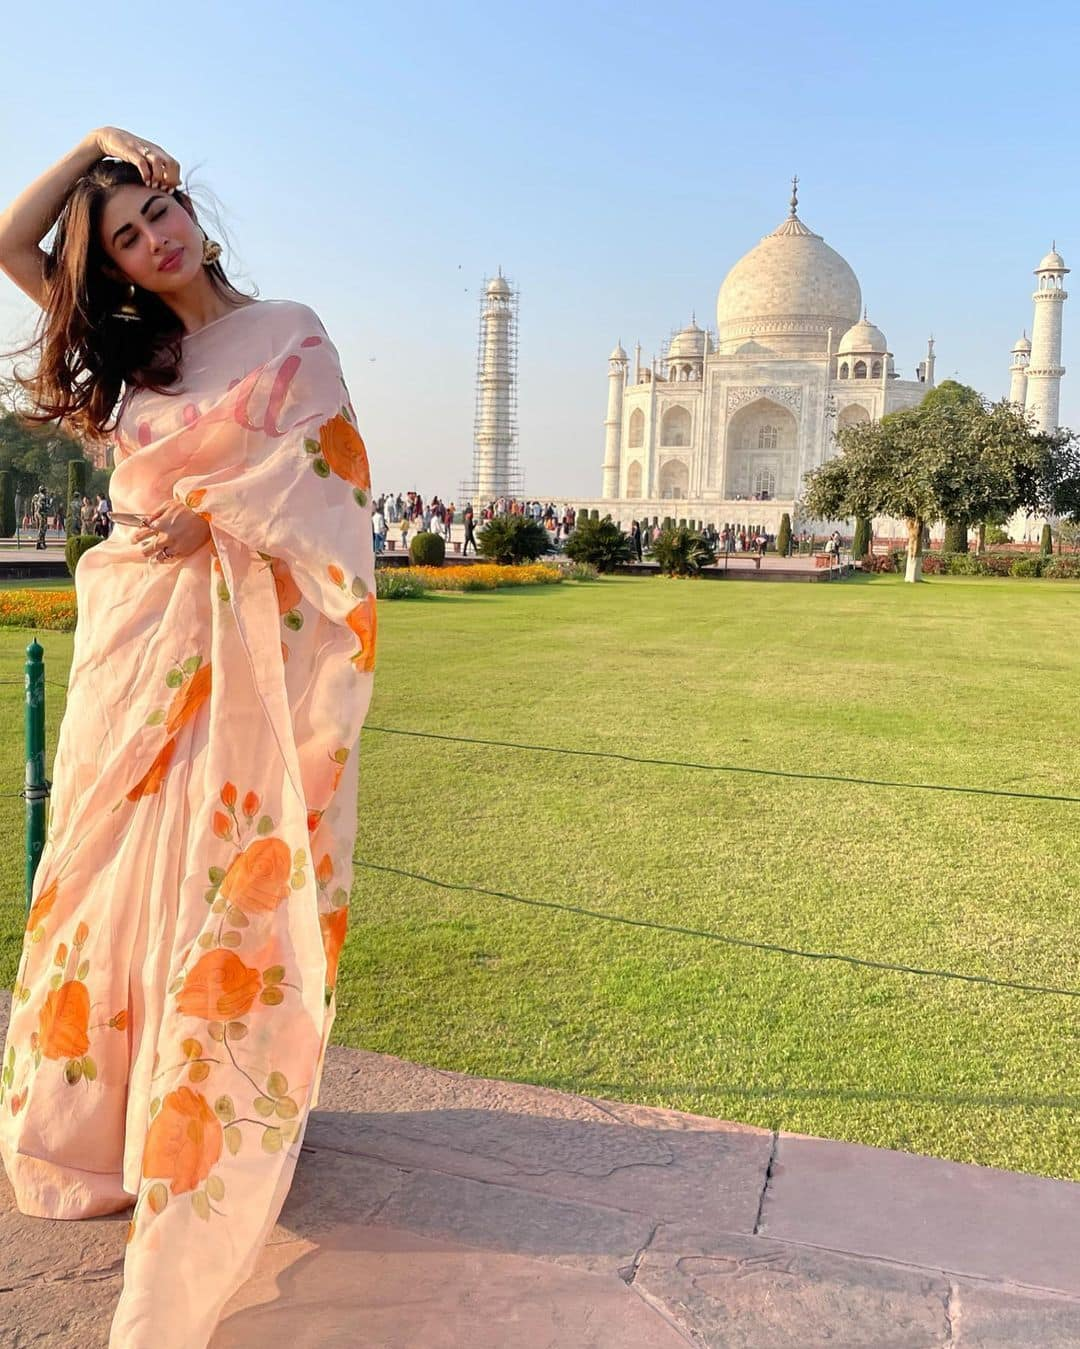 Mouni Roy Bold Photo Shoot: मौनी रॉय ने किया 'ताज' का दीदार, बंगाली बाला की खूबसूरती के आगे 'फीकी' पड़ गई Taj Mahal की चमक... - Mouni roy shares his beautifull photos